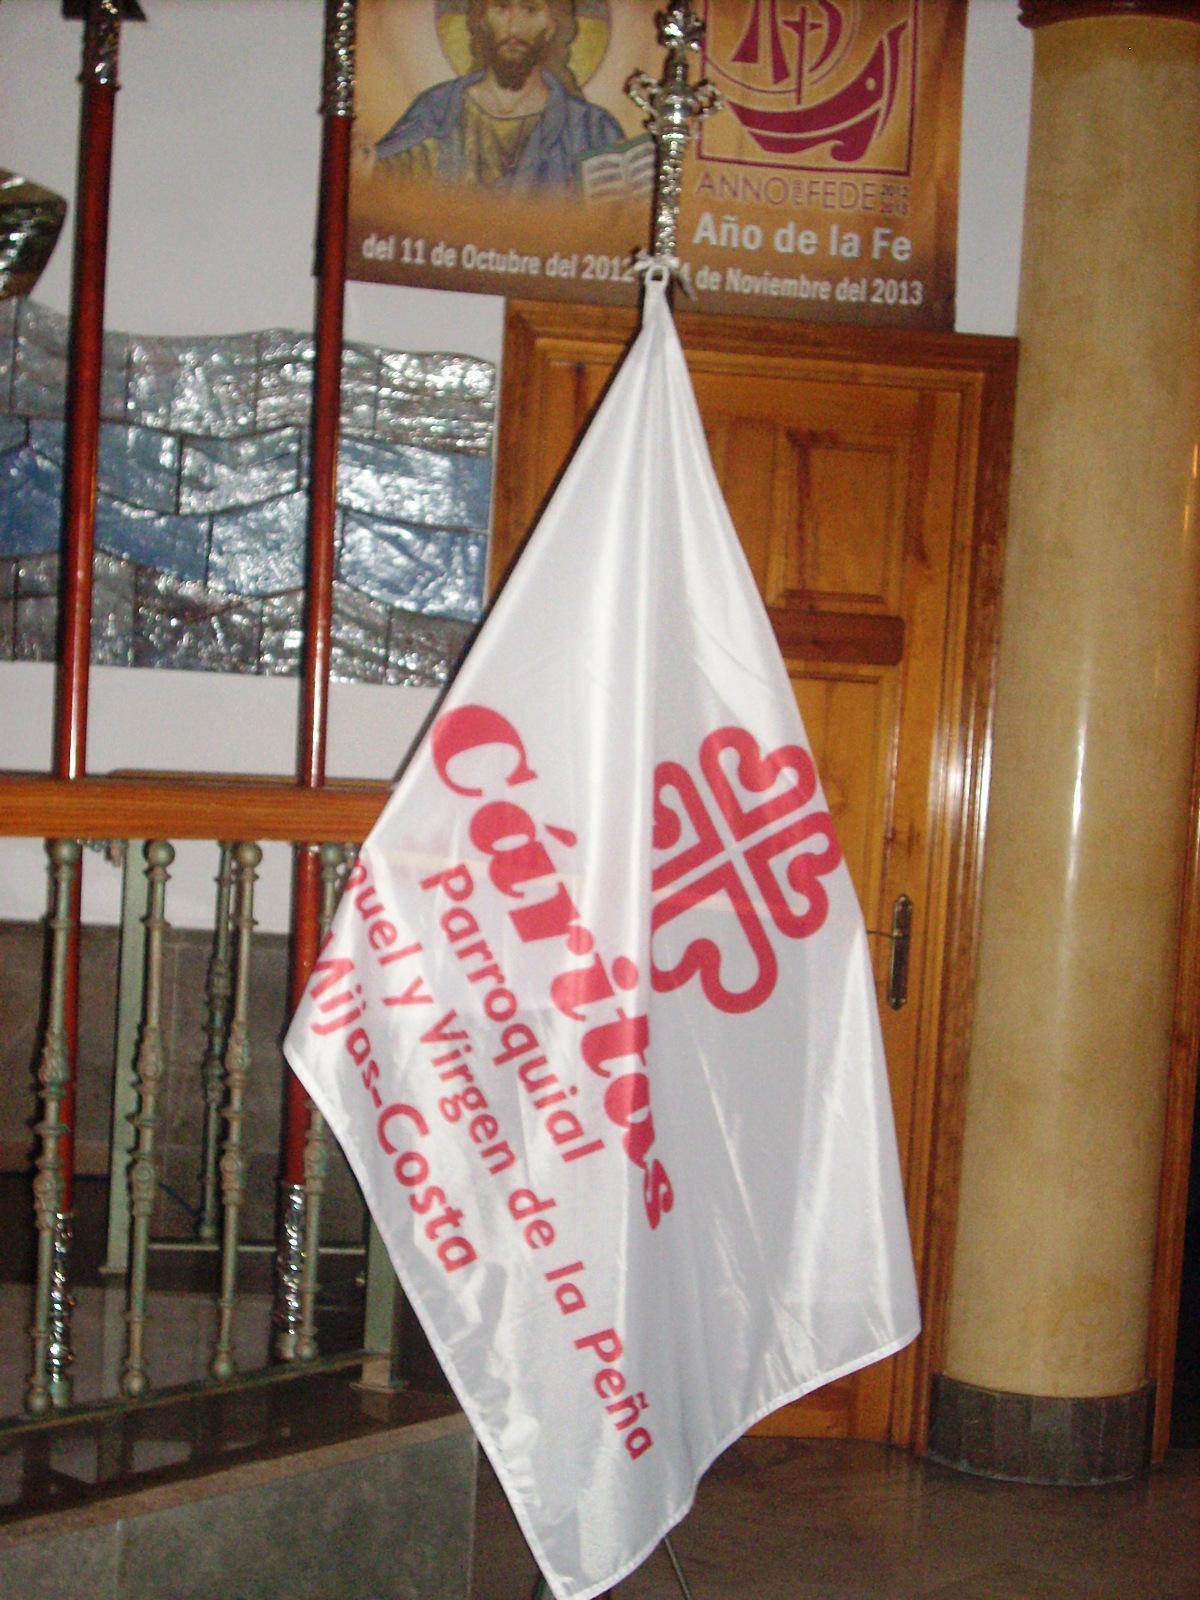 Banderas Personalizadas baratas - Comprarbanderas.es 23e1d8eb9be